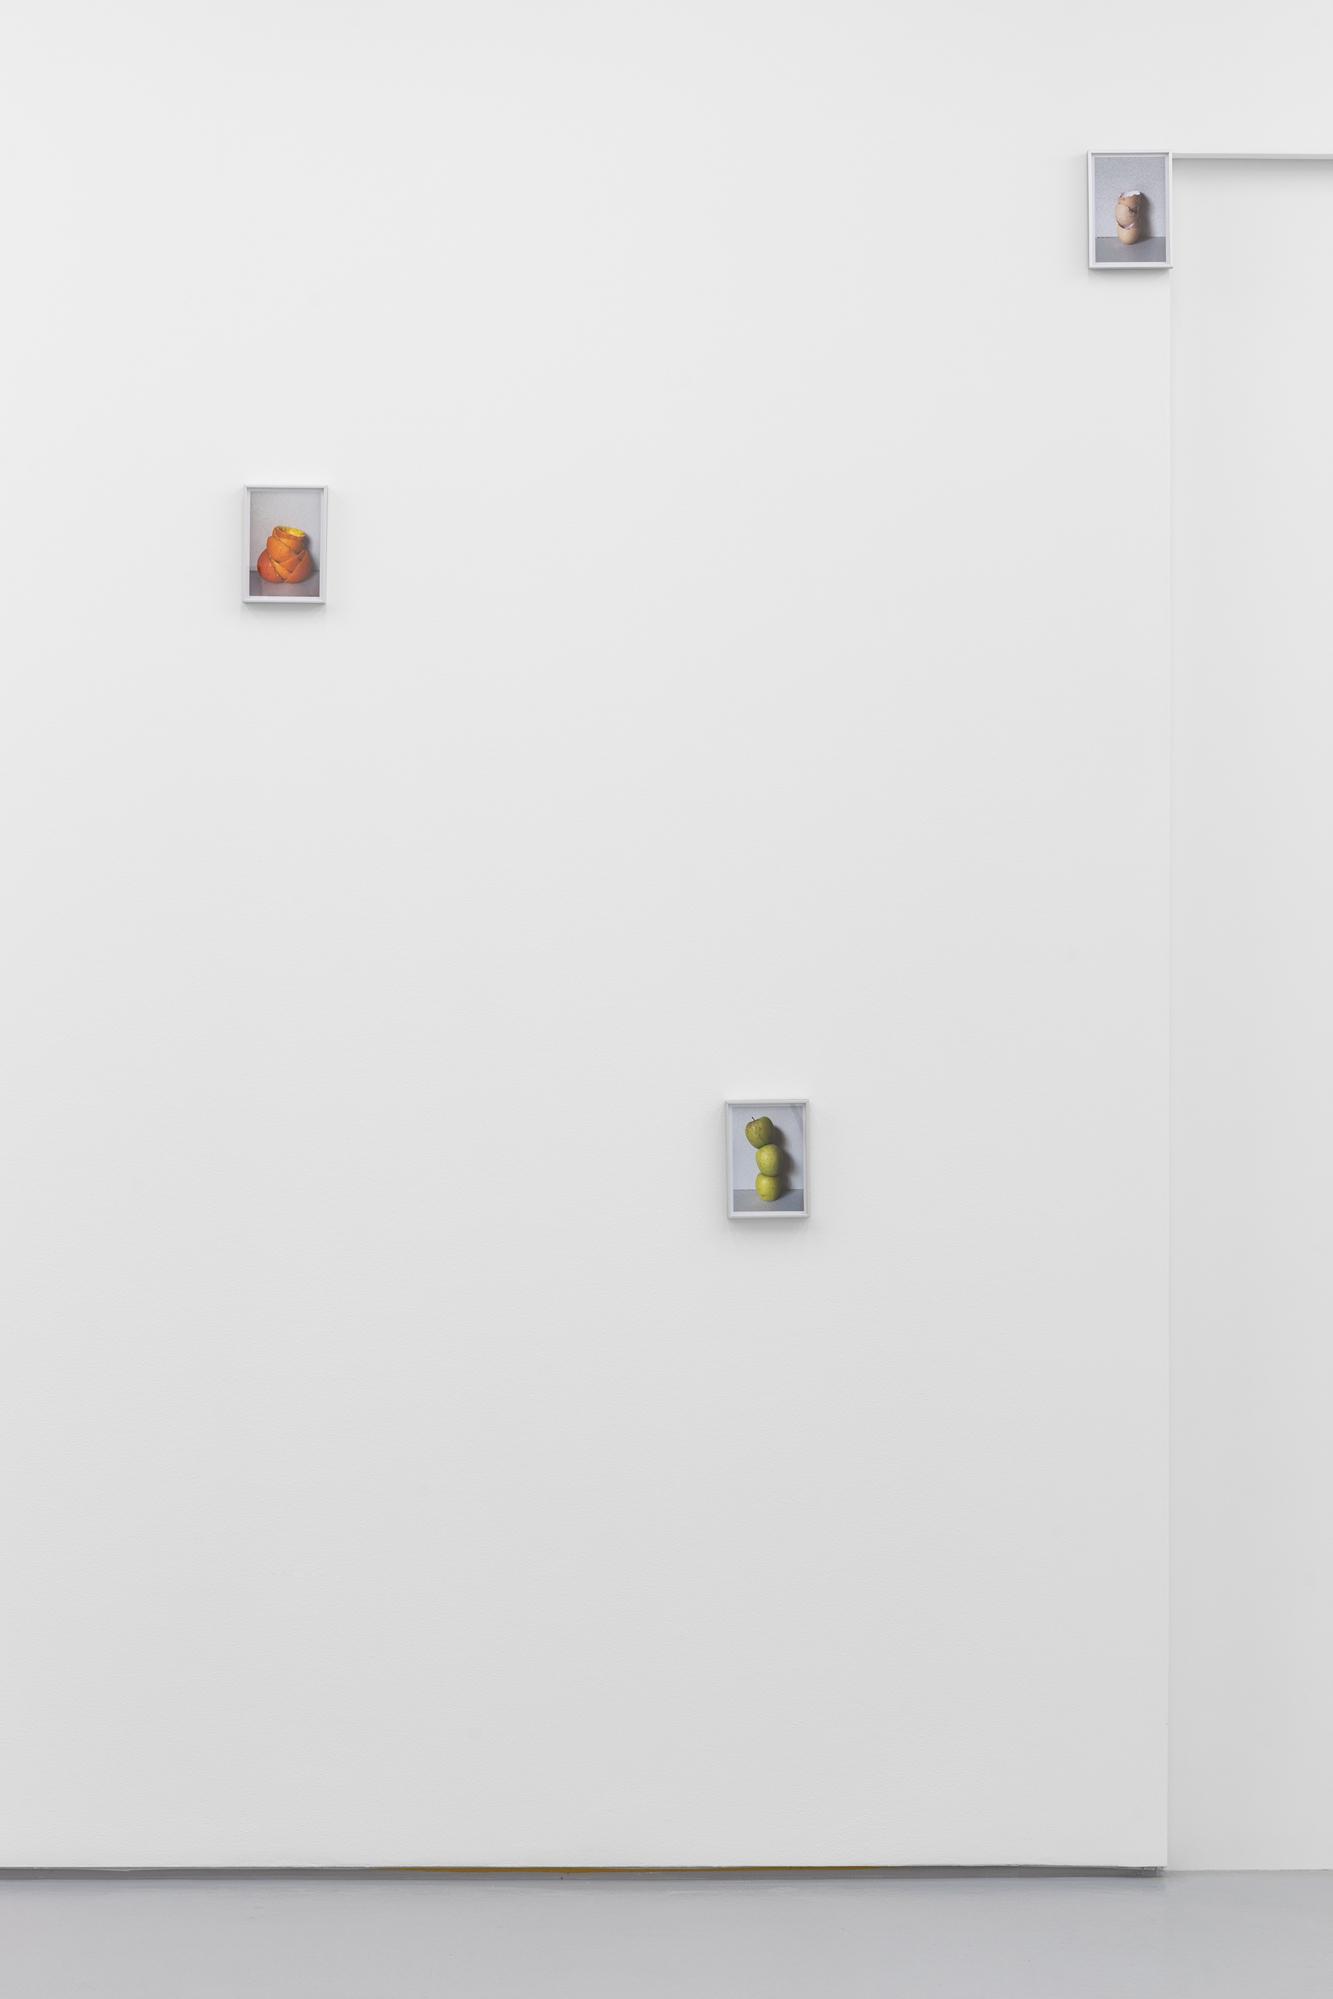 Carlos Bunga, From the series Pensar a cidade desde a cozinha, 2021 (detail). 9 chromogenic color print. 9: 16,5 x 12 cm.